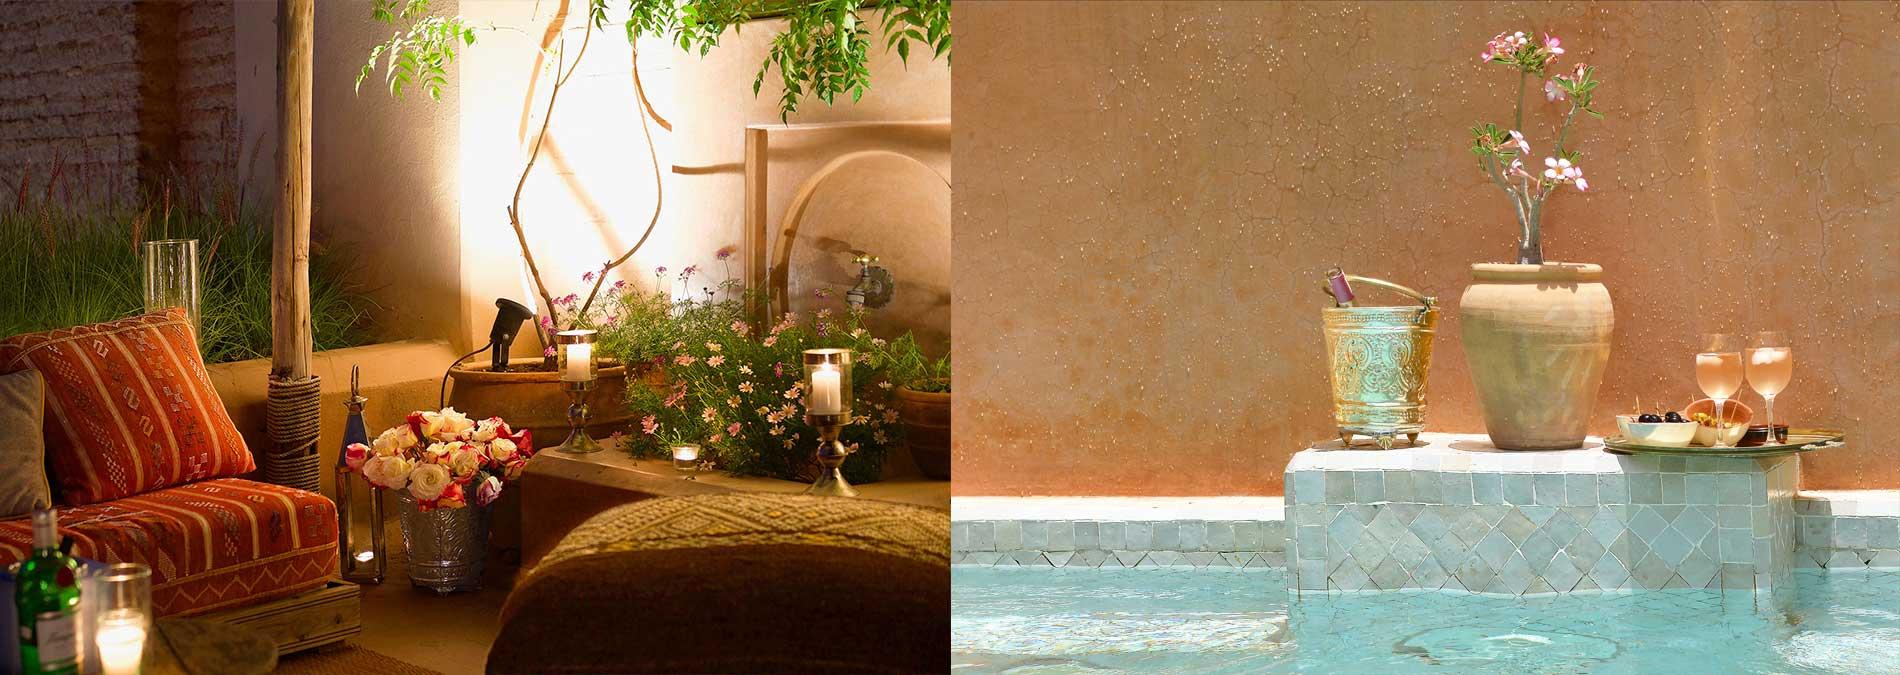 terrasse et piscine du riad Dar Housnia à Marrakech